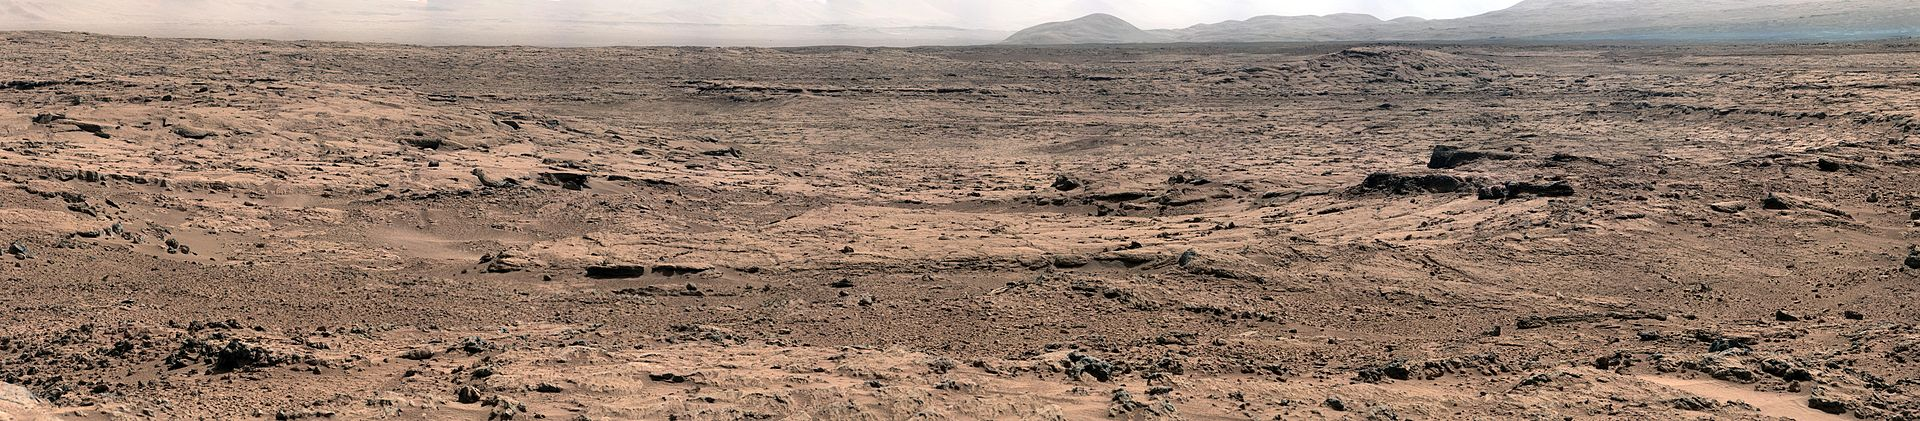 Panorama oer området Rocknest på Mars. Foto: NASA.